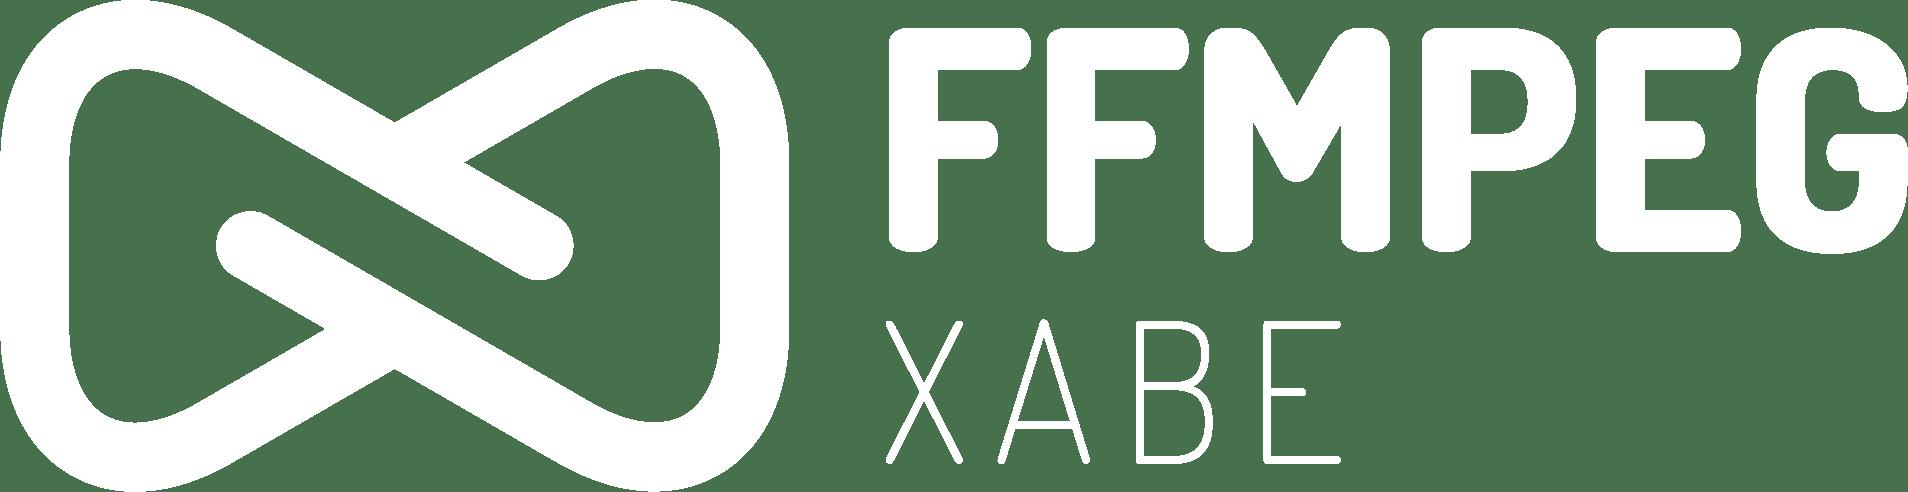 Xabe.FFmpeg white logo